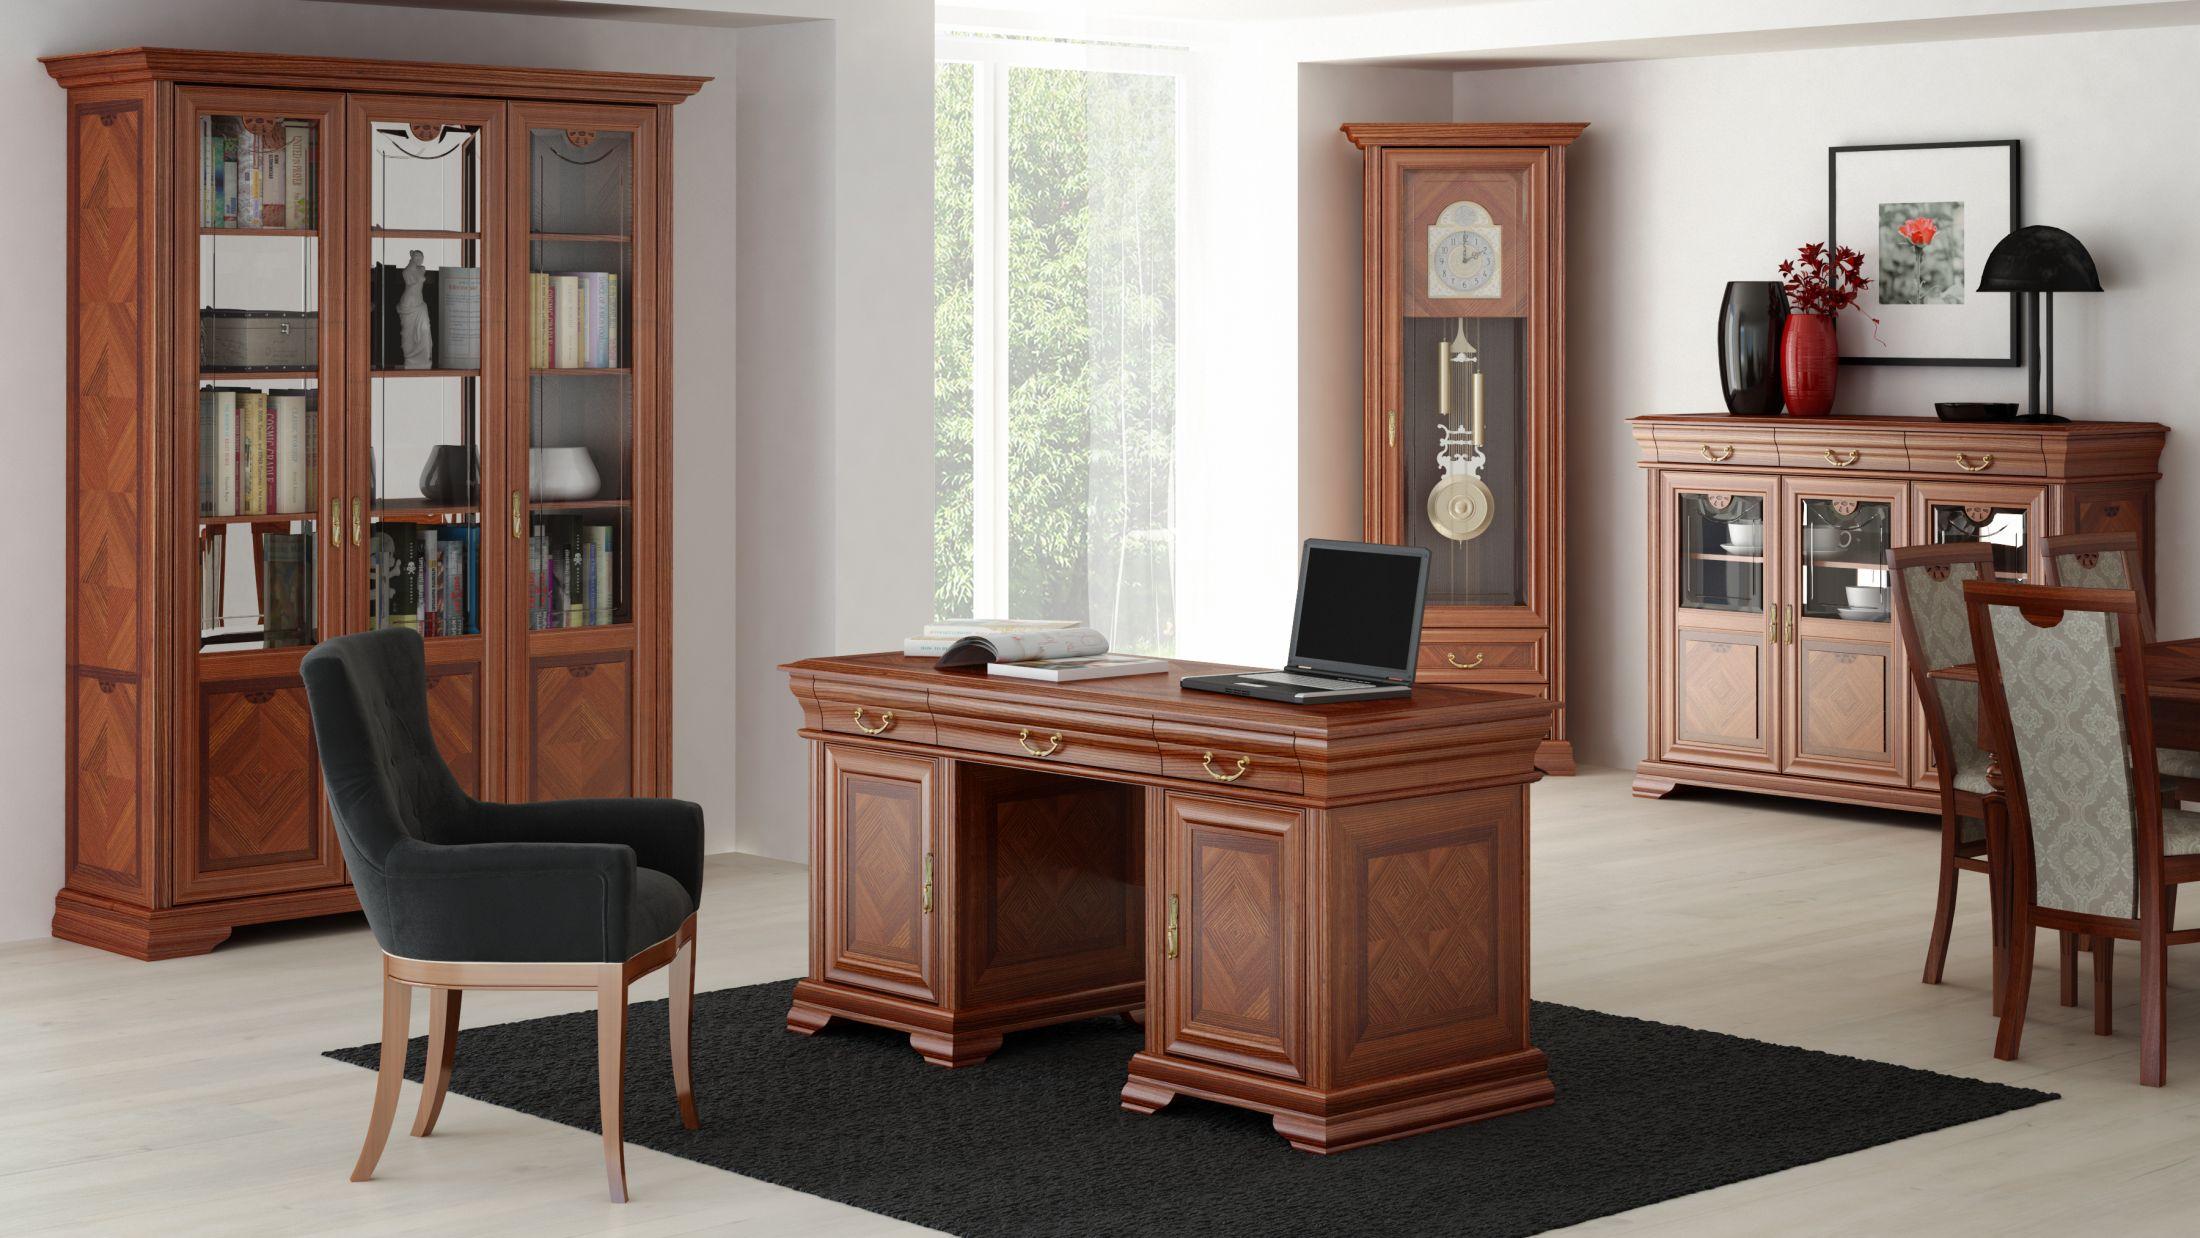 Kolekcja Milano wyróżnia się klasyczną stylistyką. Pozwala urządzić gustowne pomieszczenie biurowe. Fot. Olejnikowski